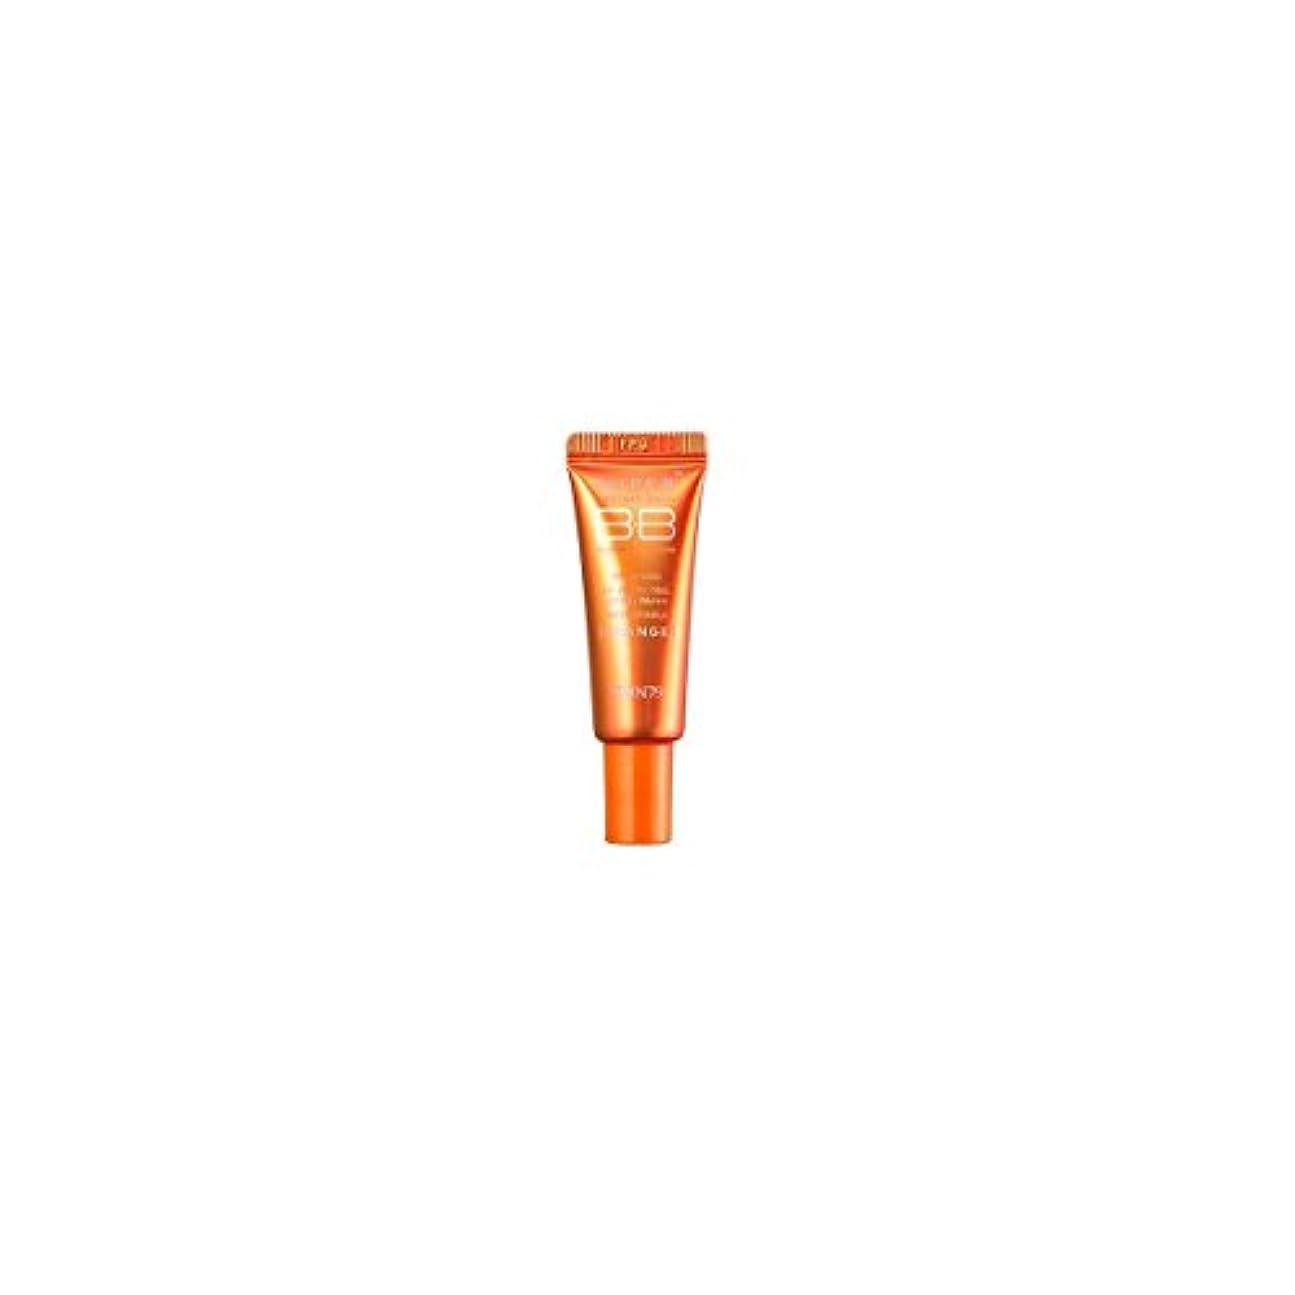 ハンドブックマトロン批判的SKIN79 スキン79スーパートリプル機能BBクリーム - オレンジ